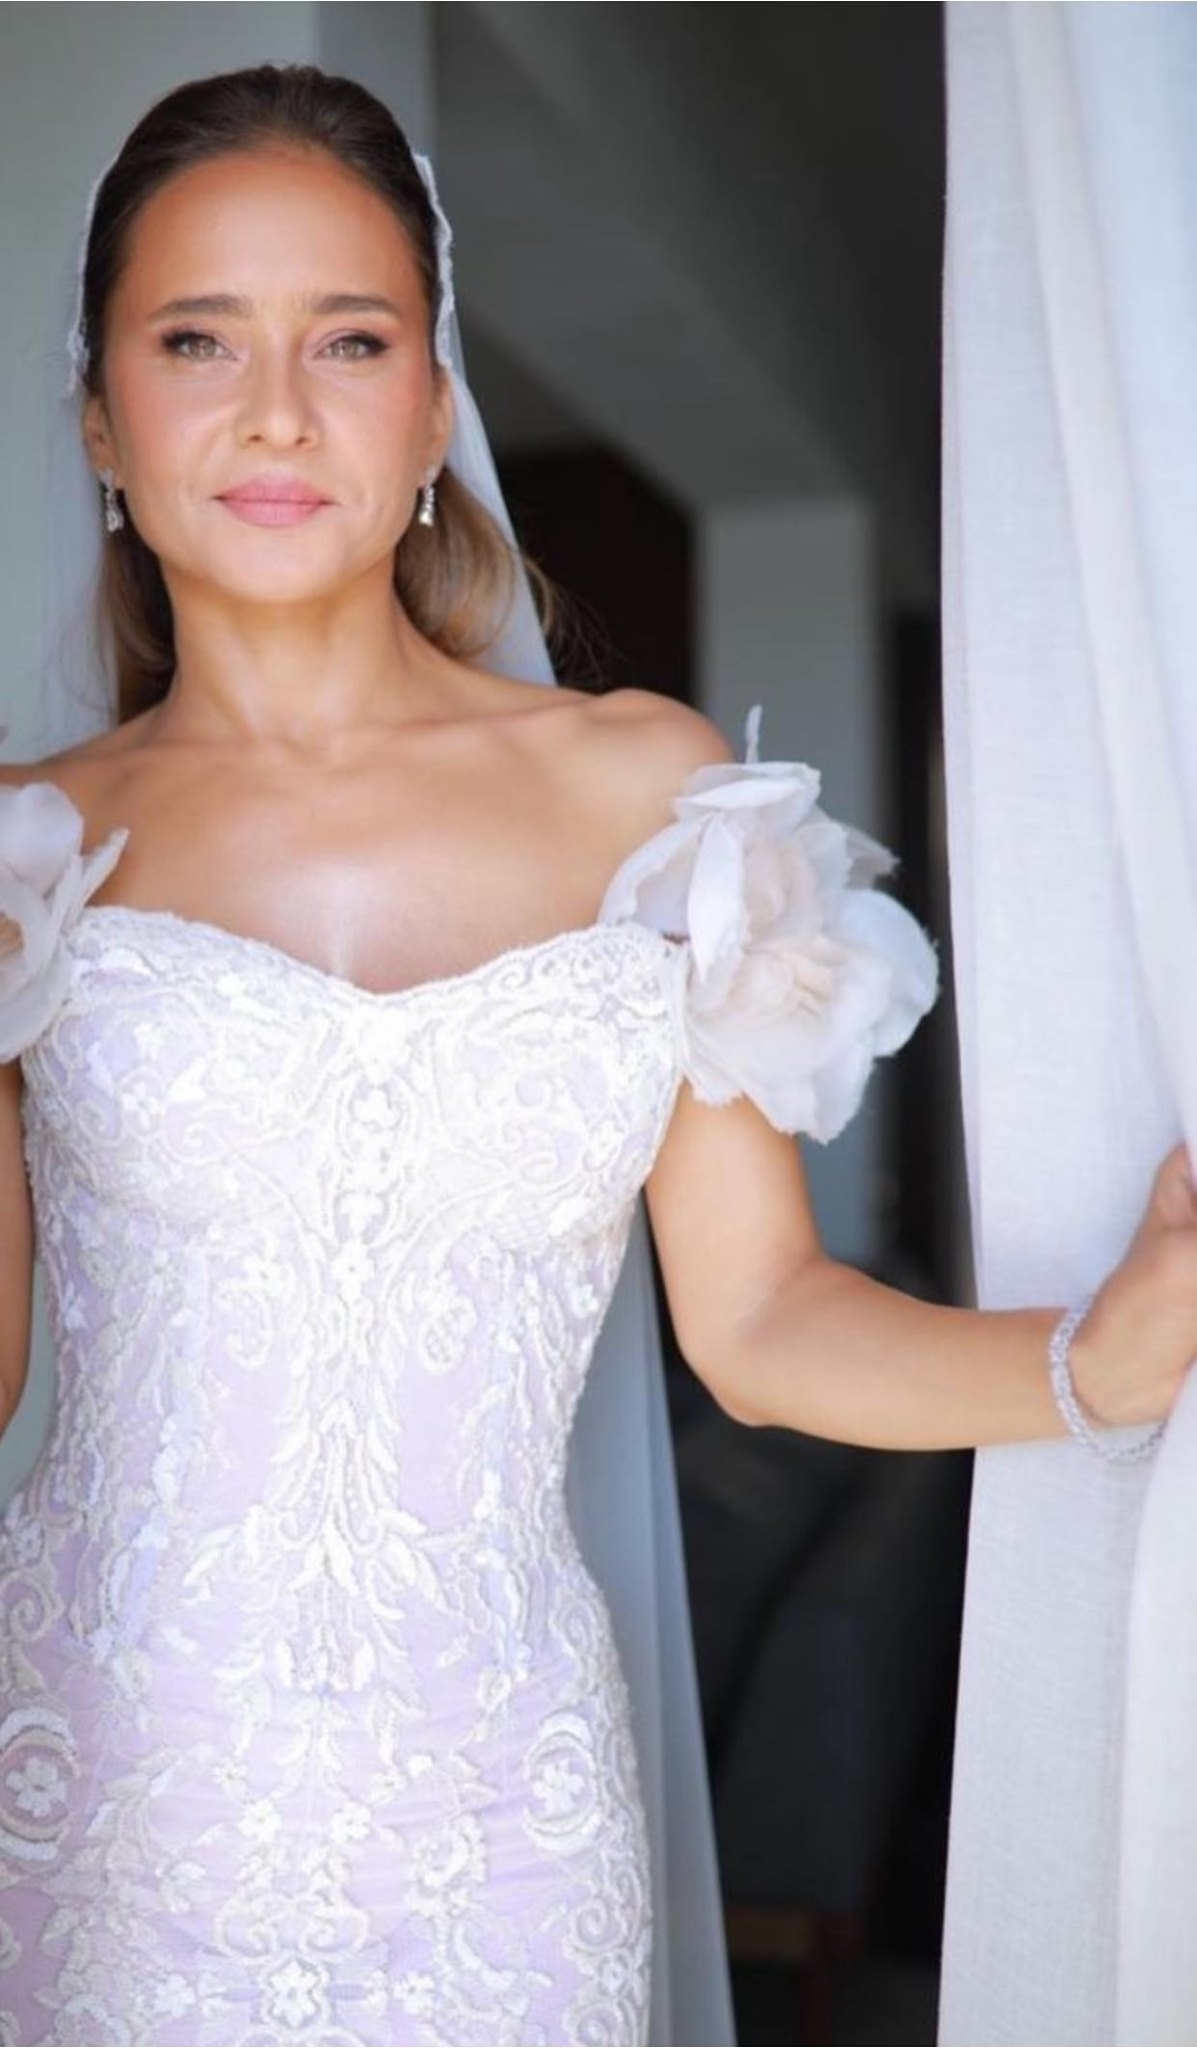 السوشيال ميديا فرحانة بالعروسة القمر نيللي كريم.. شوف بنفسك